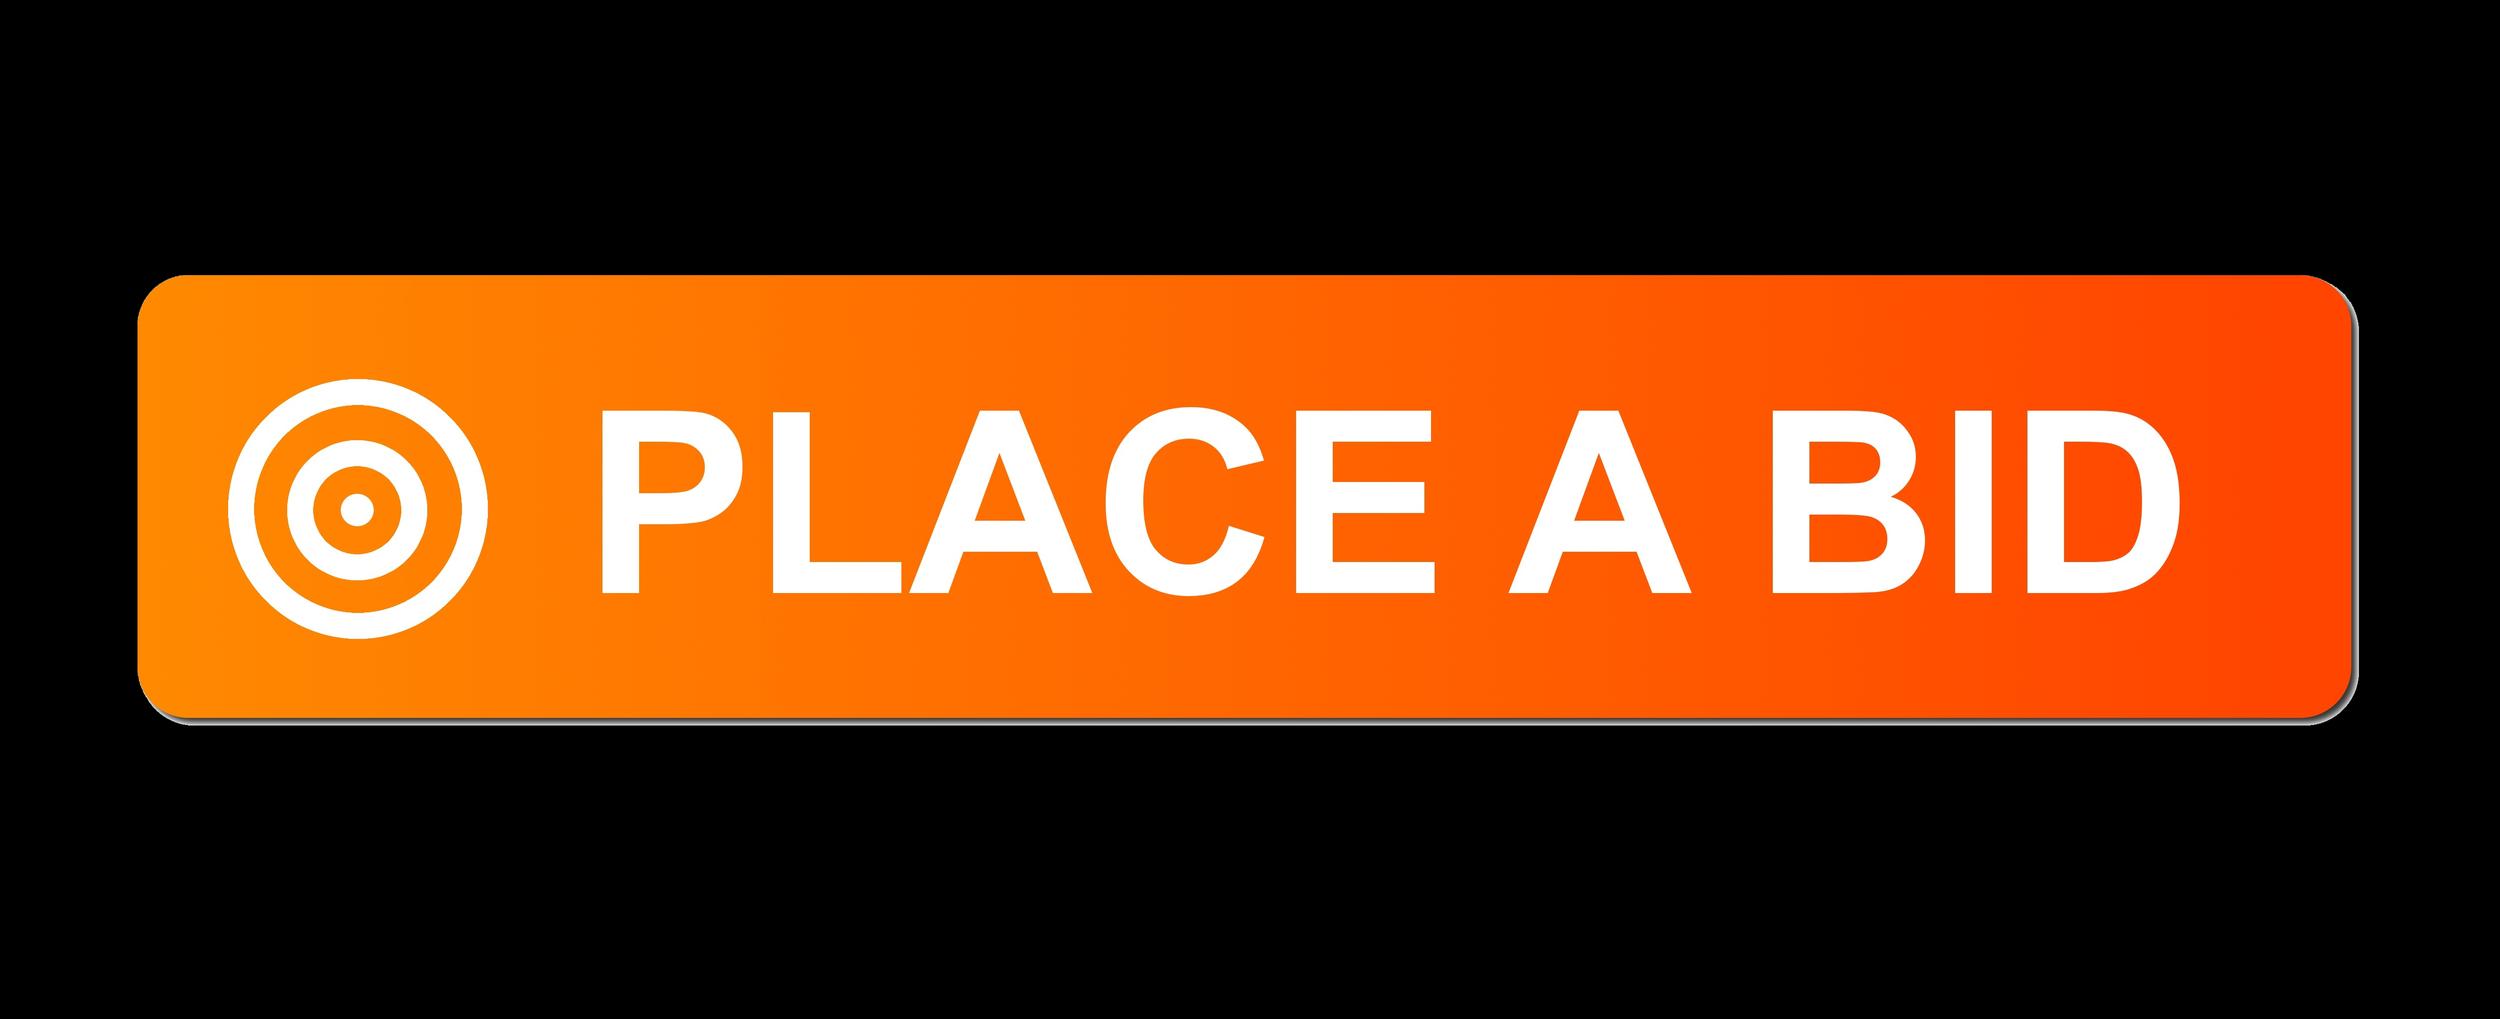 Place A Bid - Our Live Auction